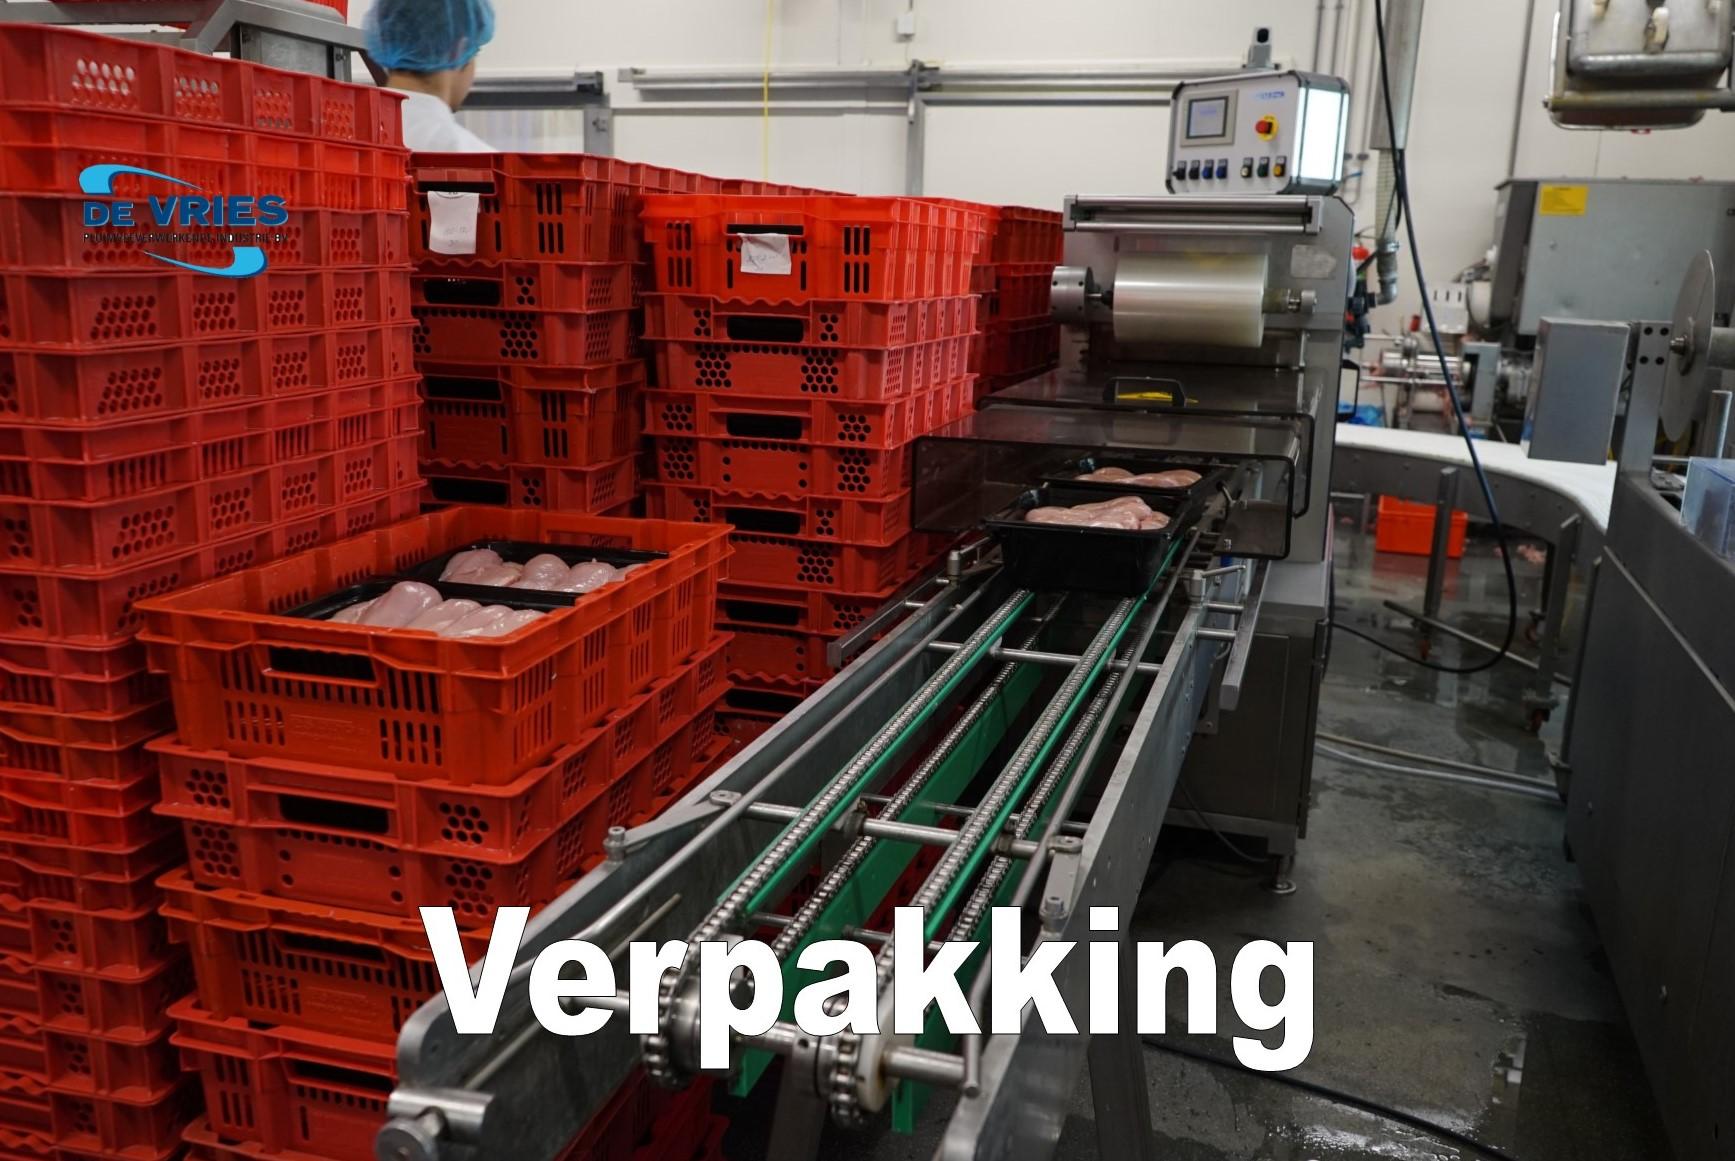 http://devriesnijkerk.nl/wp-content/uploads/2017/03/Verpakking.jpg